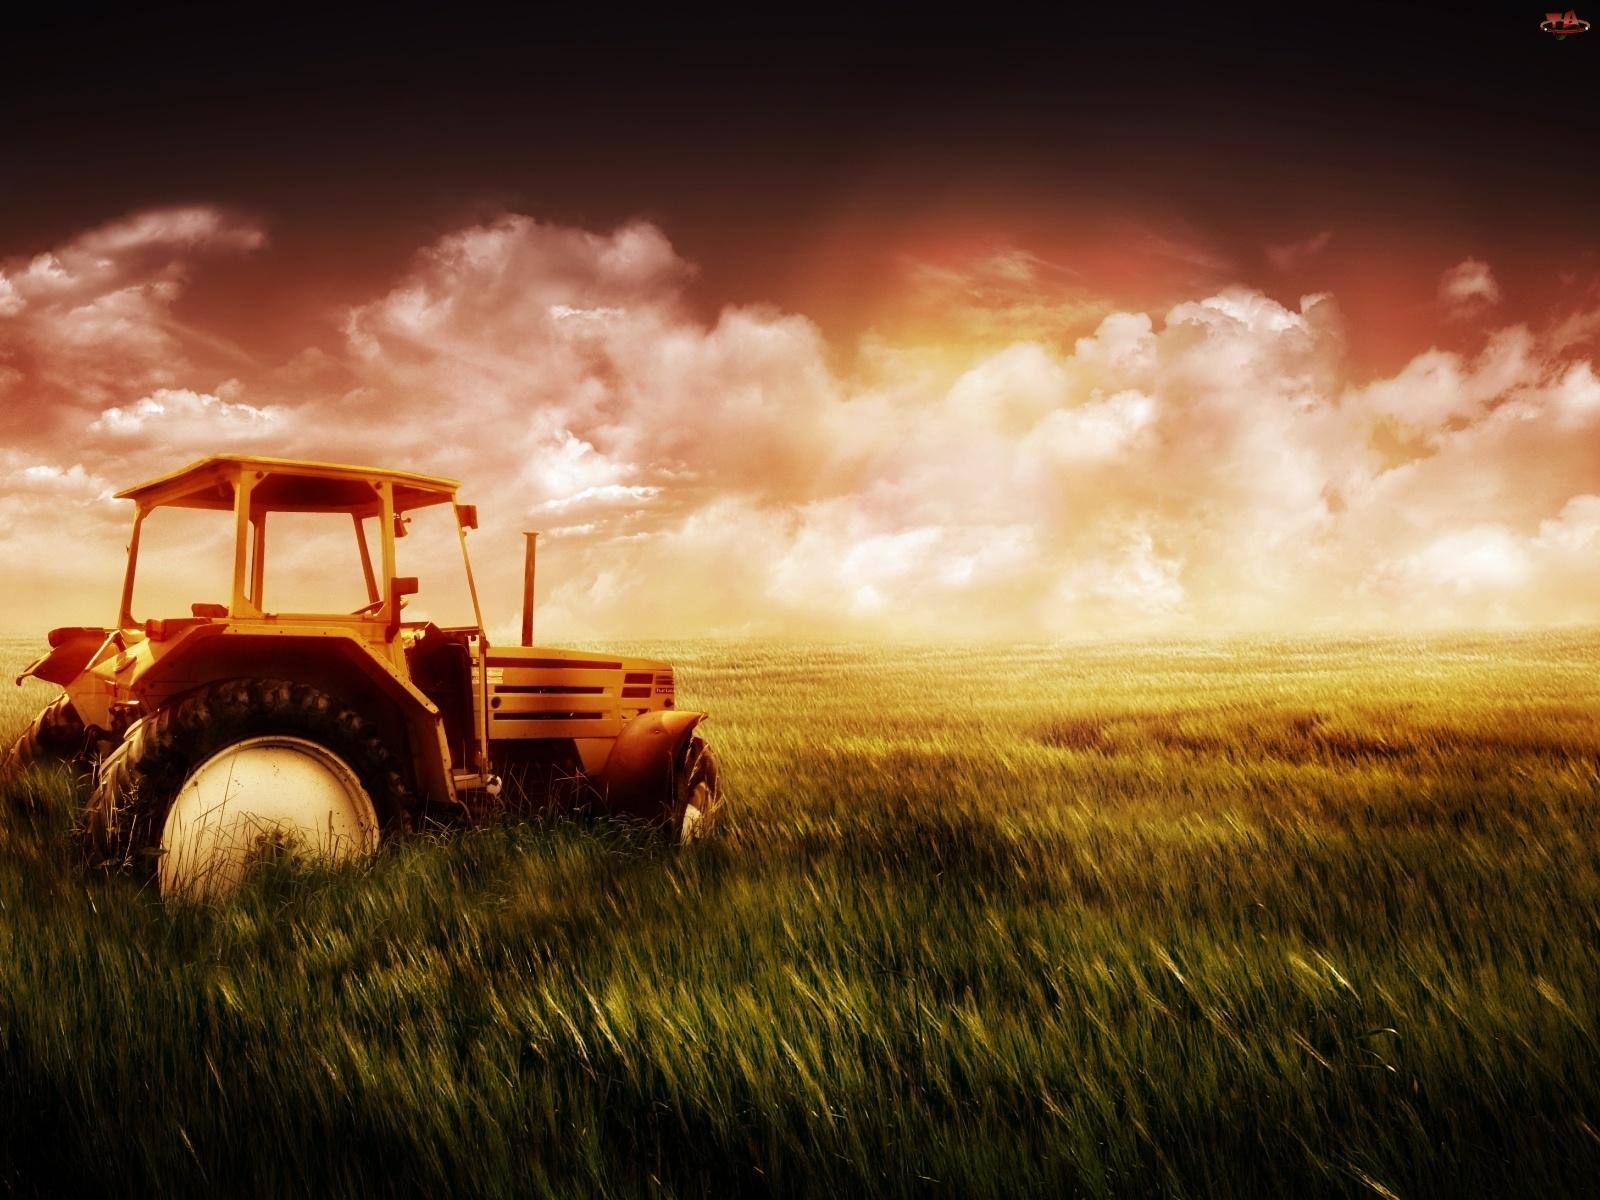 Traktor, Zboża, Pole, Łany